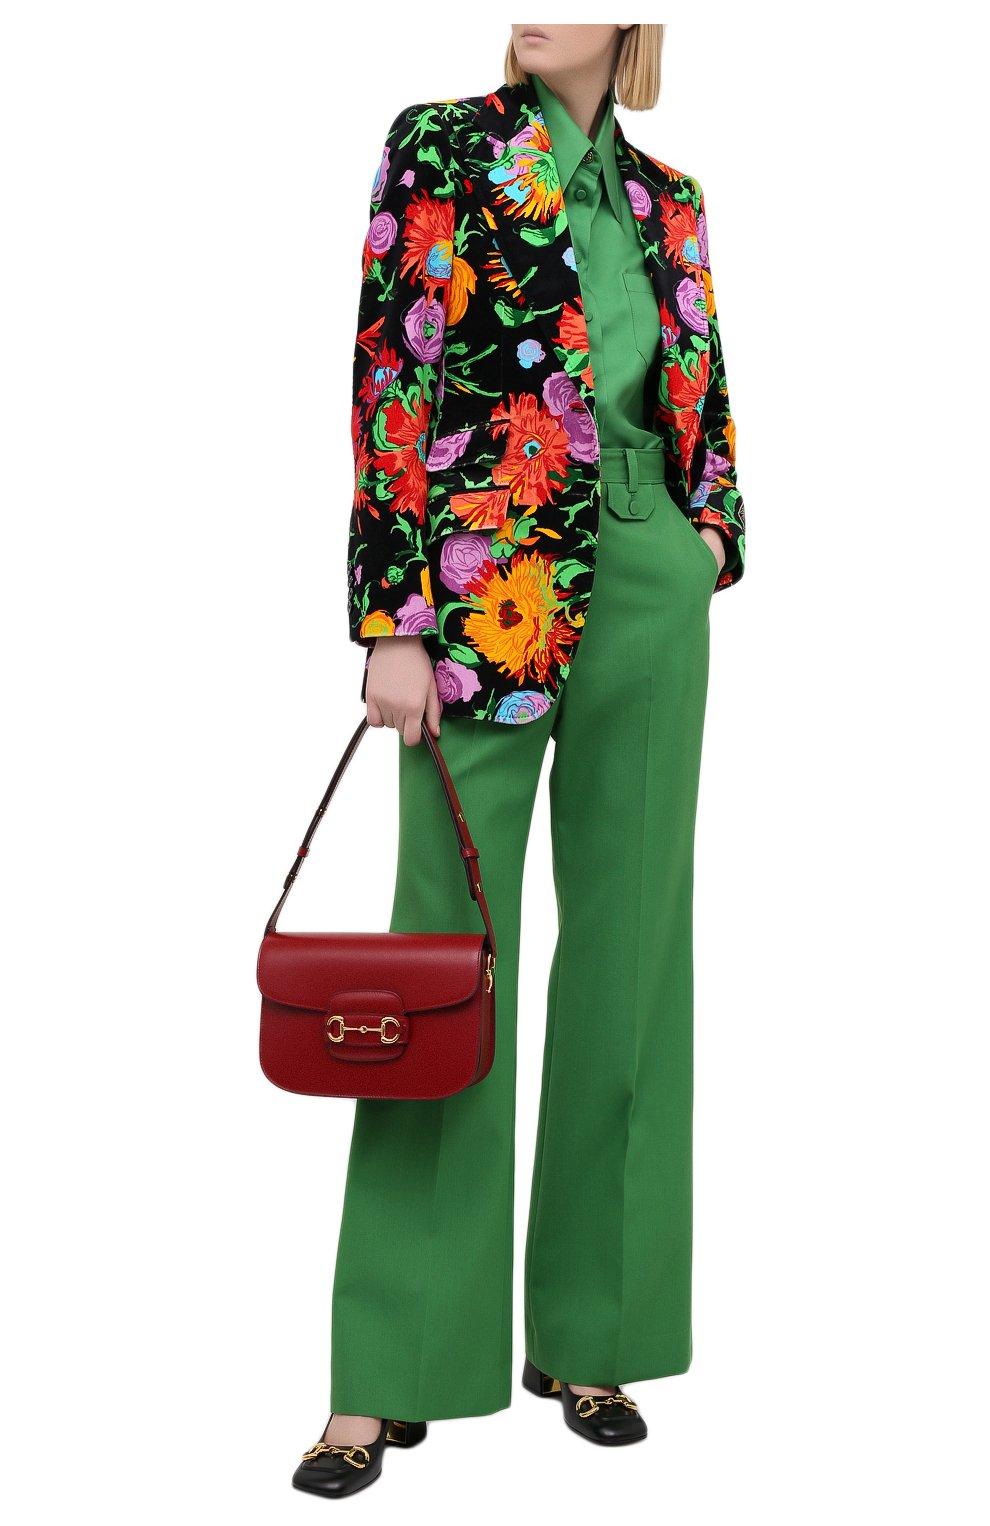 Женские брюки GUCCI зеленого цвета, арт. 643346/ZAFU9   Фото 2 (Материал внешний: Шерсть, Синтетический материал; Длина (брюки, джинсы): Стандартные; Женское Кросс-КТ: Брюки-одежда; Силуэт Ж (брюки и джинсы): Расклешенные; Стили: Романтичный)